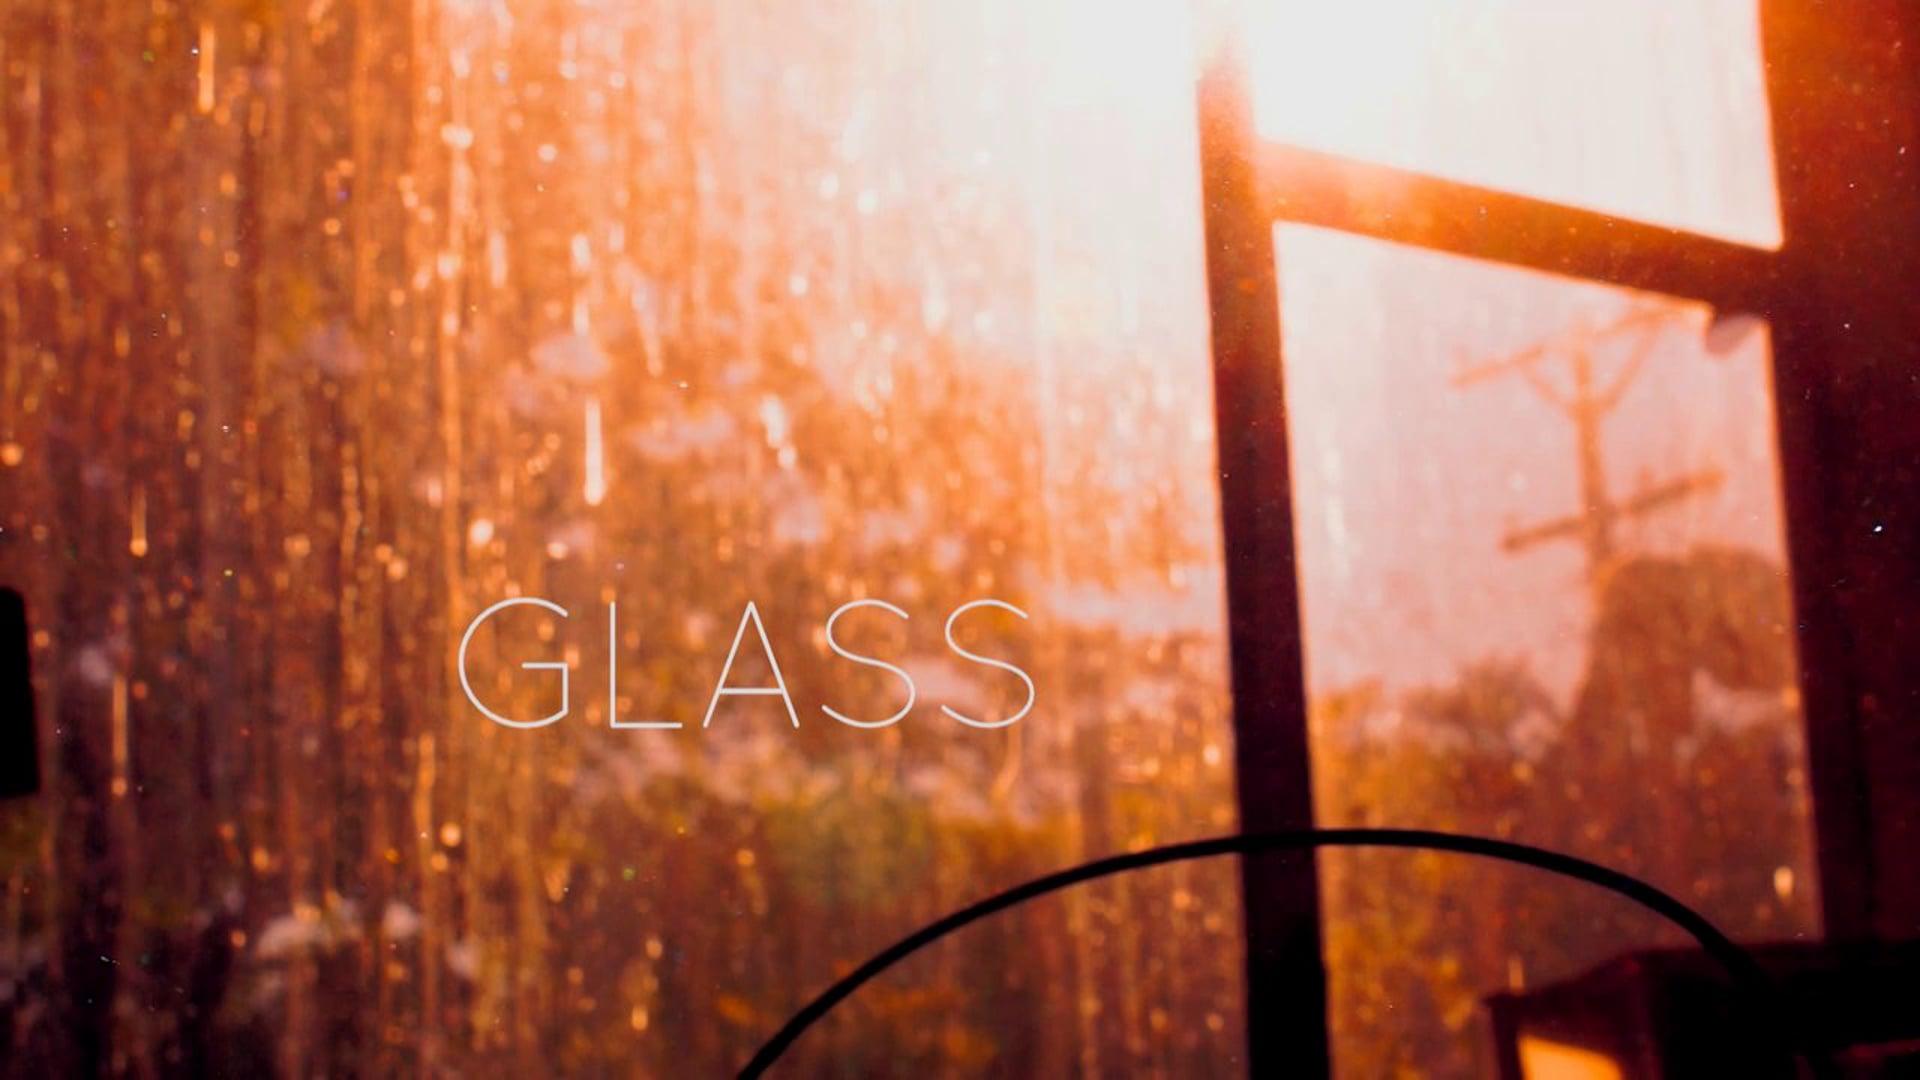 Glass (America's Best Eyewear 30-Sec TV Spot)